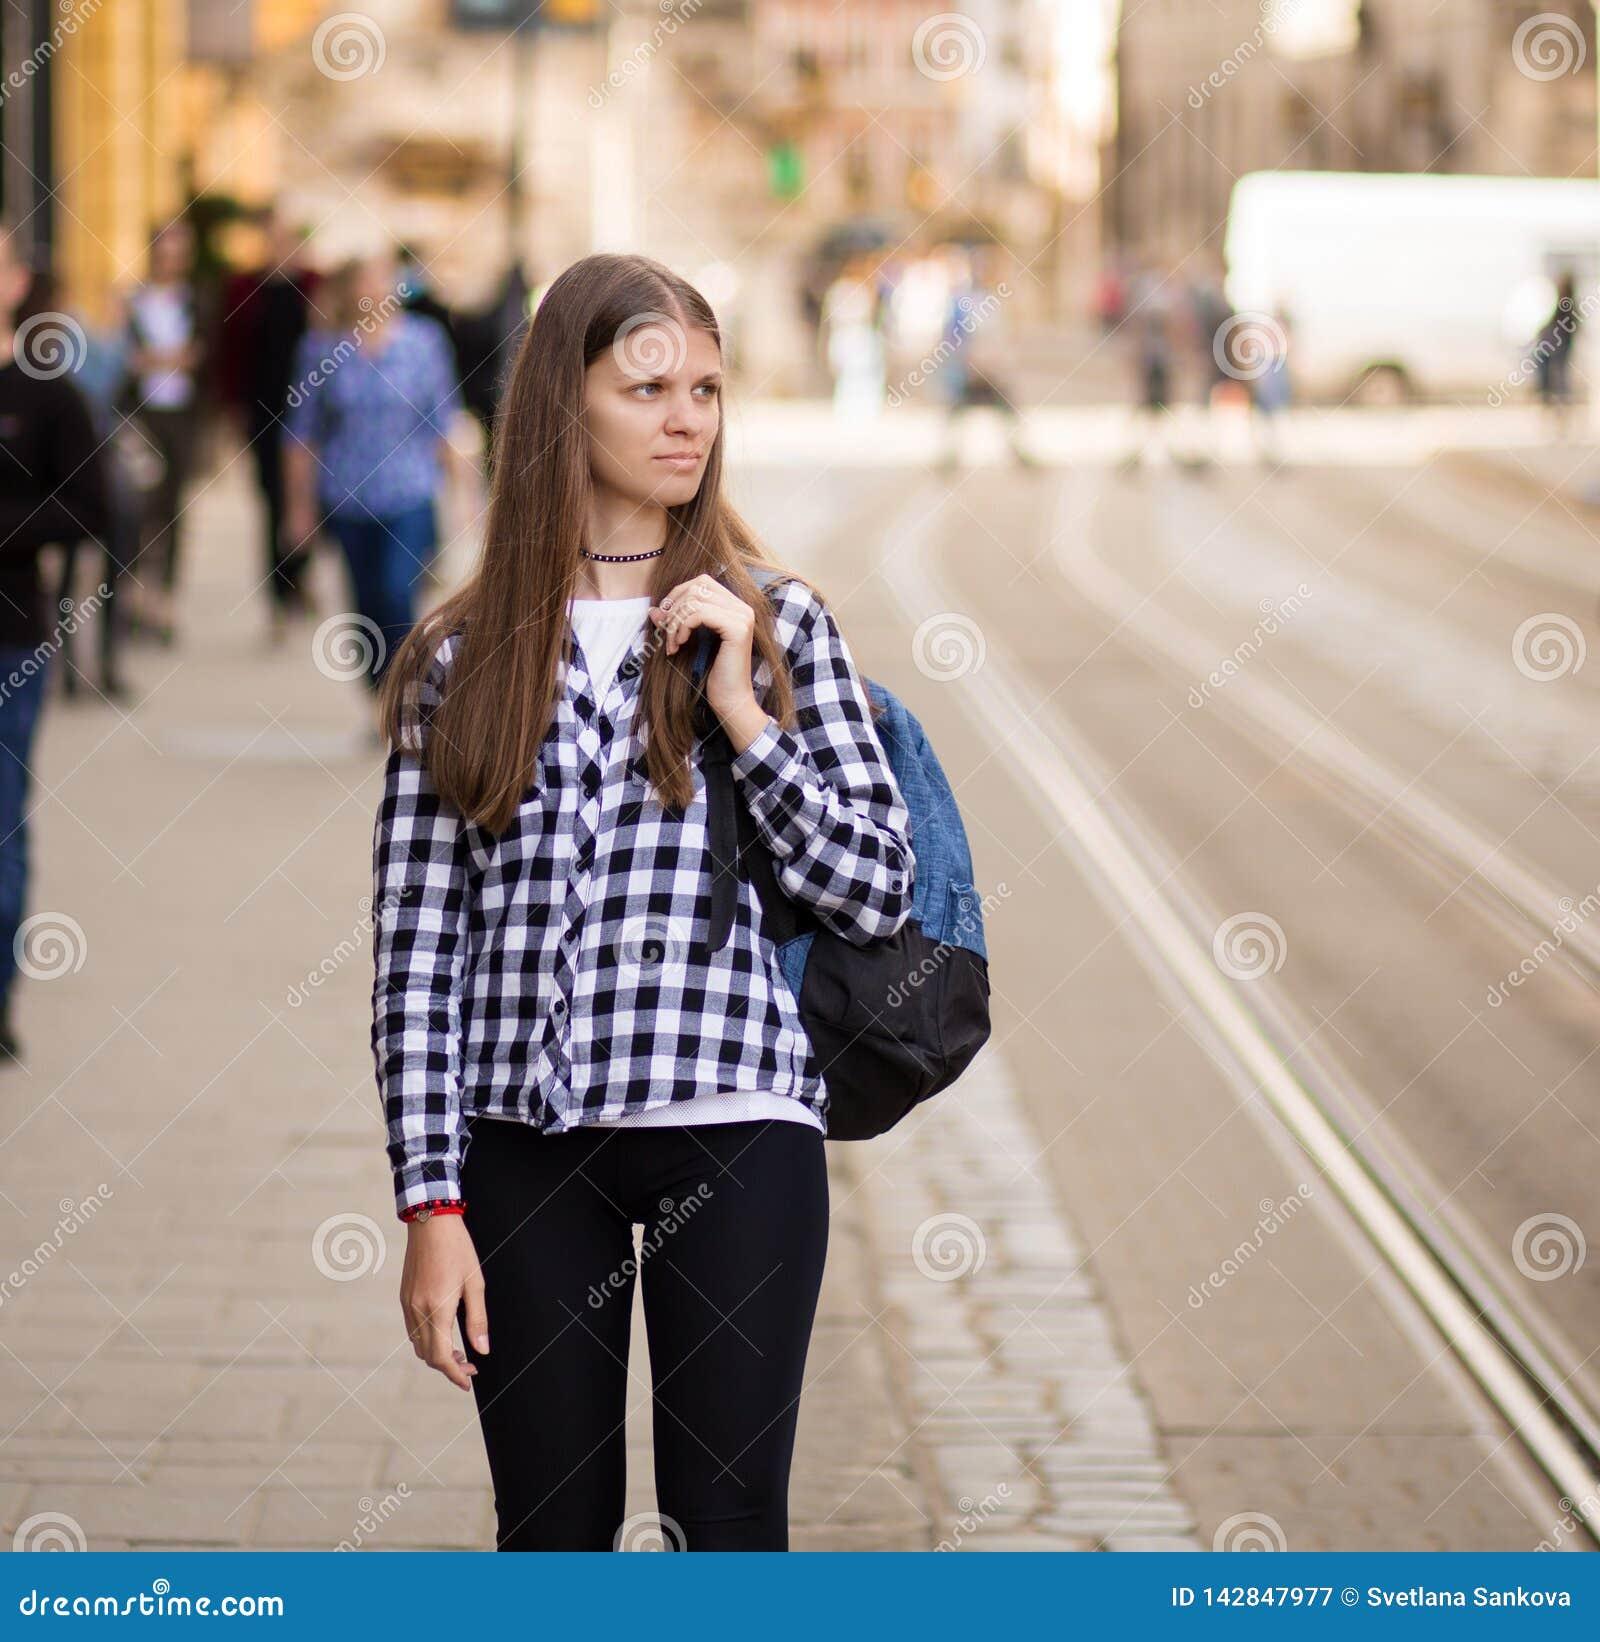 Νέα γυναίκα τουριστών με τον περίπατο σακιδίων πλάτης από την οδό στην παλαιά πόλη της Ευρώπης, ύφος θερινής μόδας